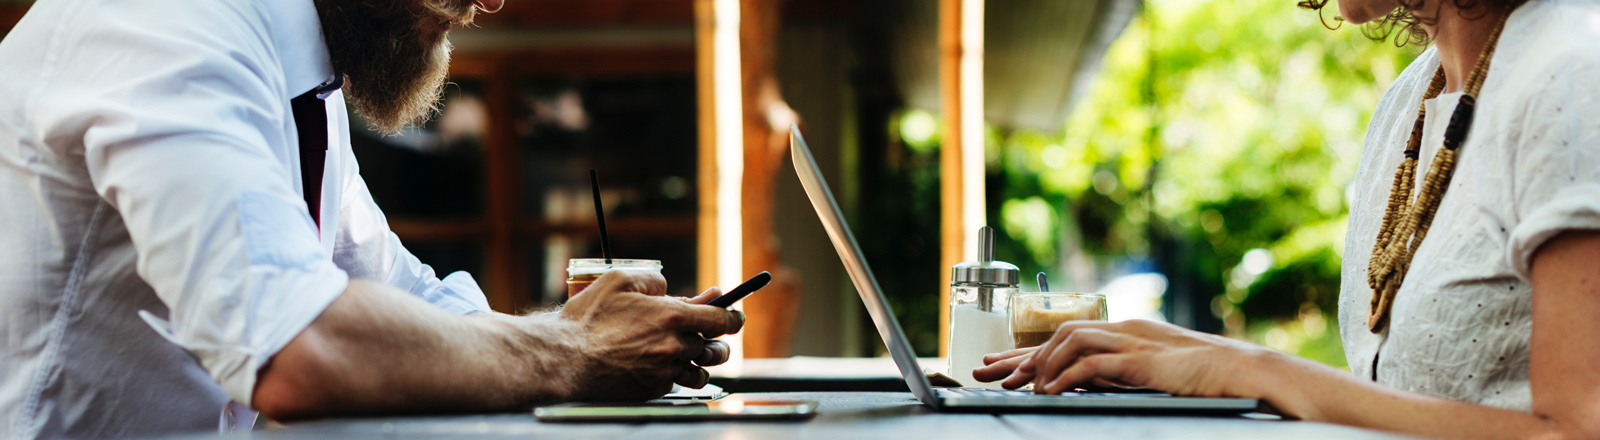 Mann und Frau am Tisch mit Smartphone und Laptop